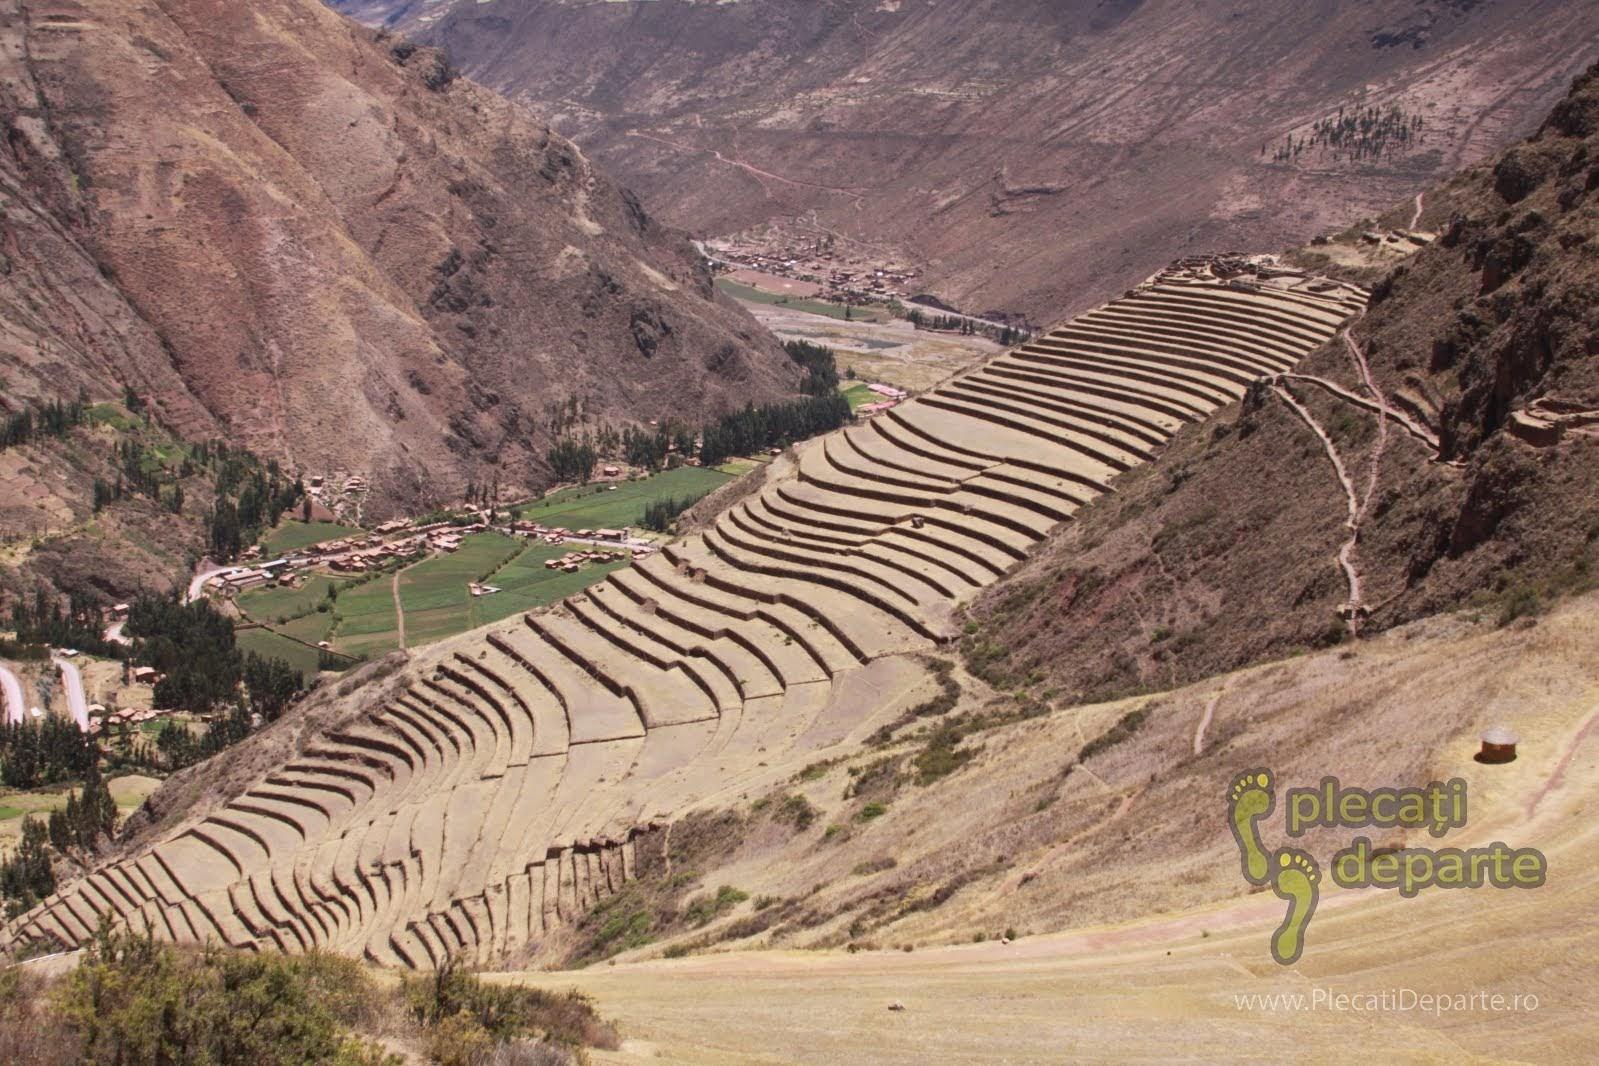 Ruinele teraselor agricole din Pisac, un obiectiv turistic din Valea Sacra, Peru